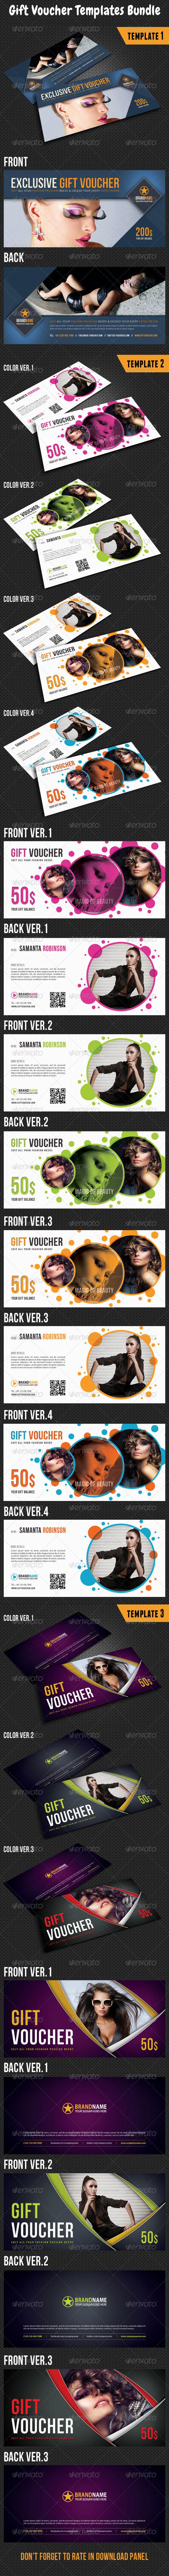 GraphicRiver Gift Voucher Templates Bundle 03 8294639